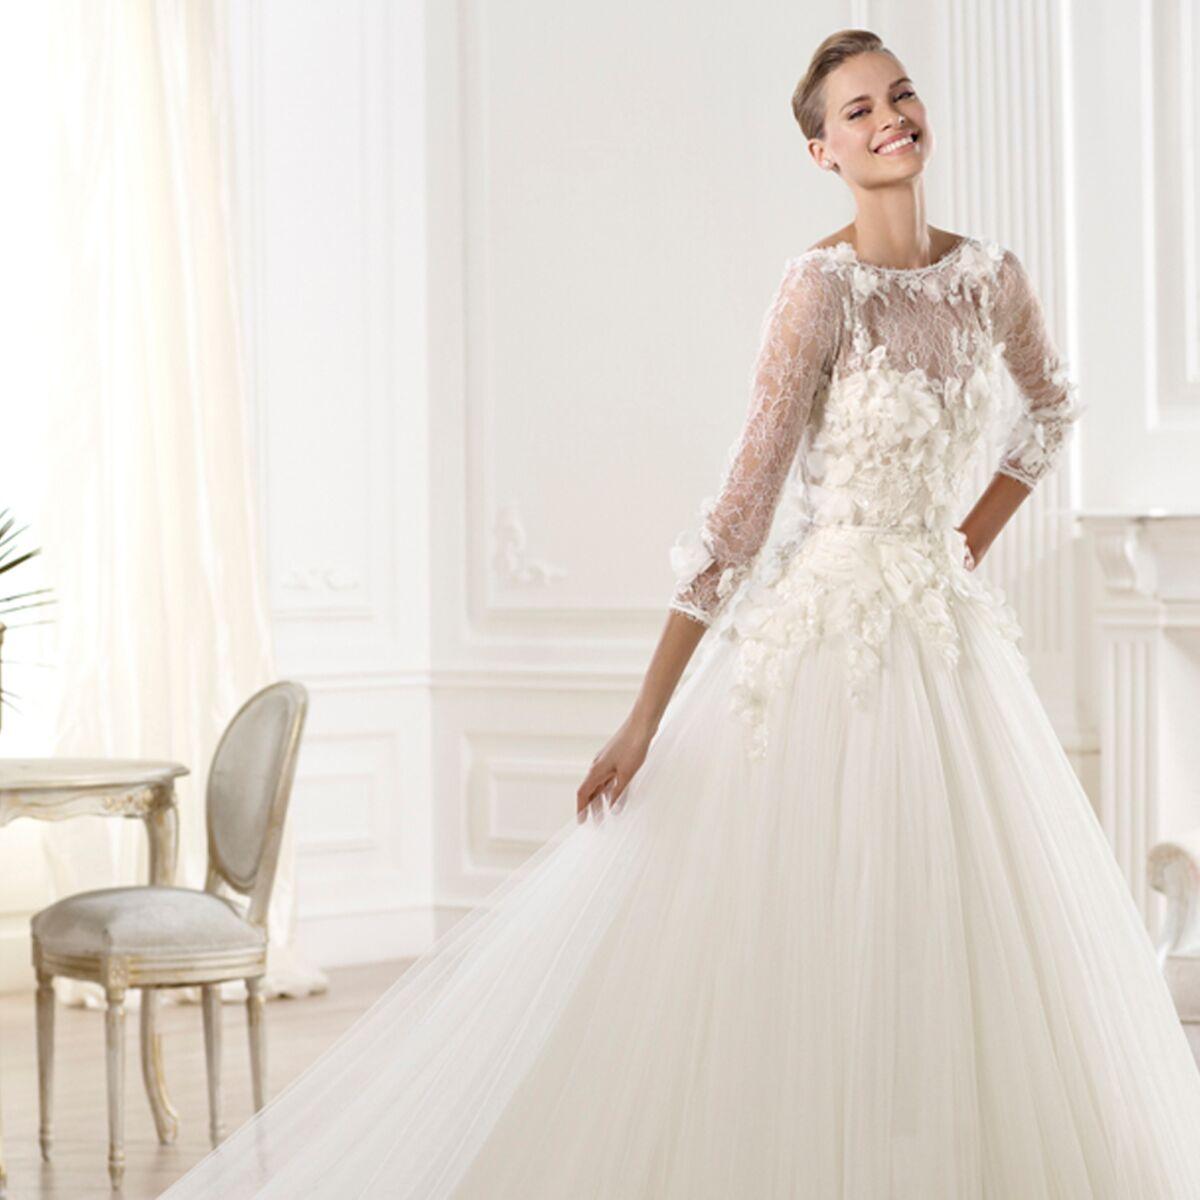 Les Plus Belles Robes De Mariee Collection 2014 Femme Actuelle Le Mag